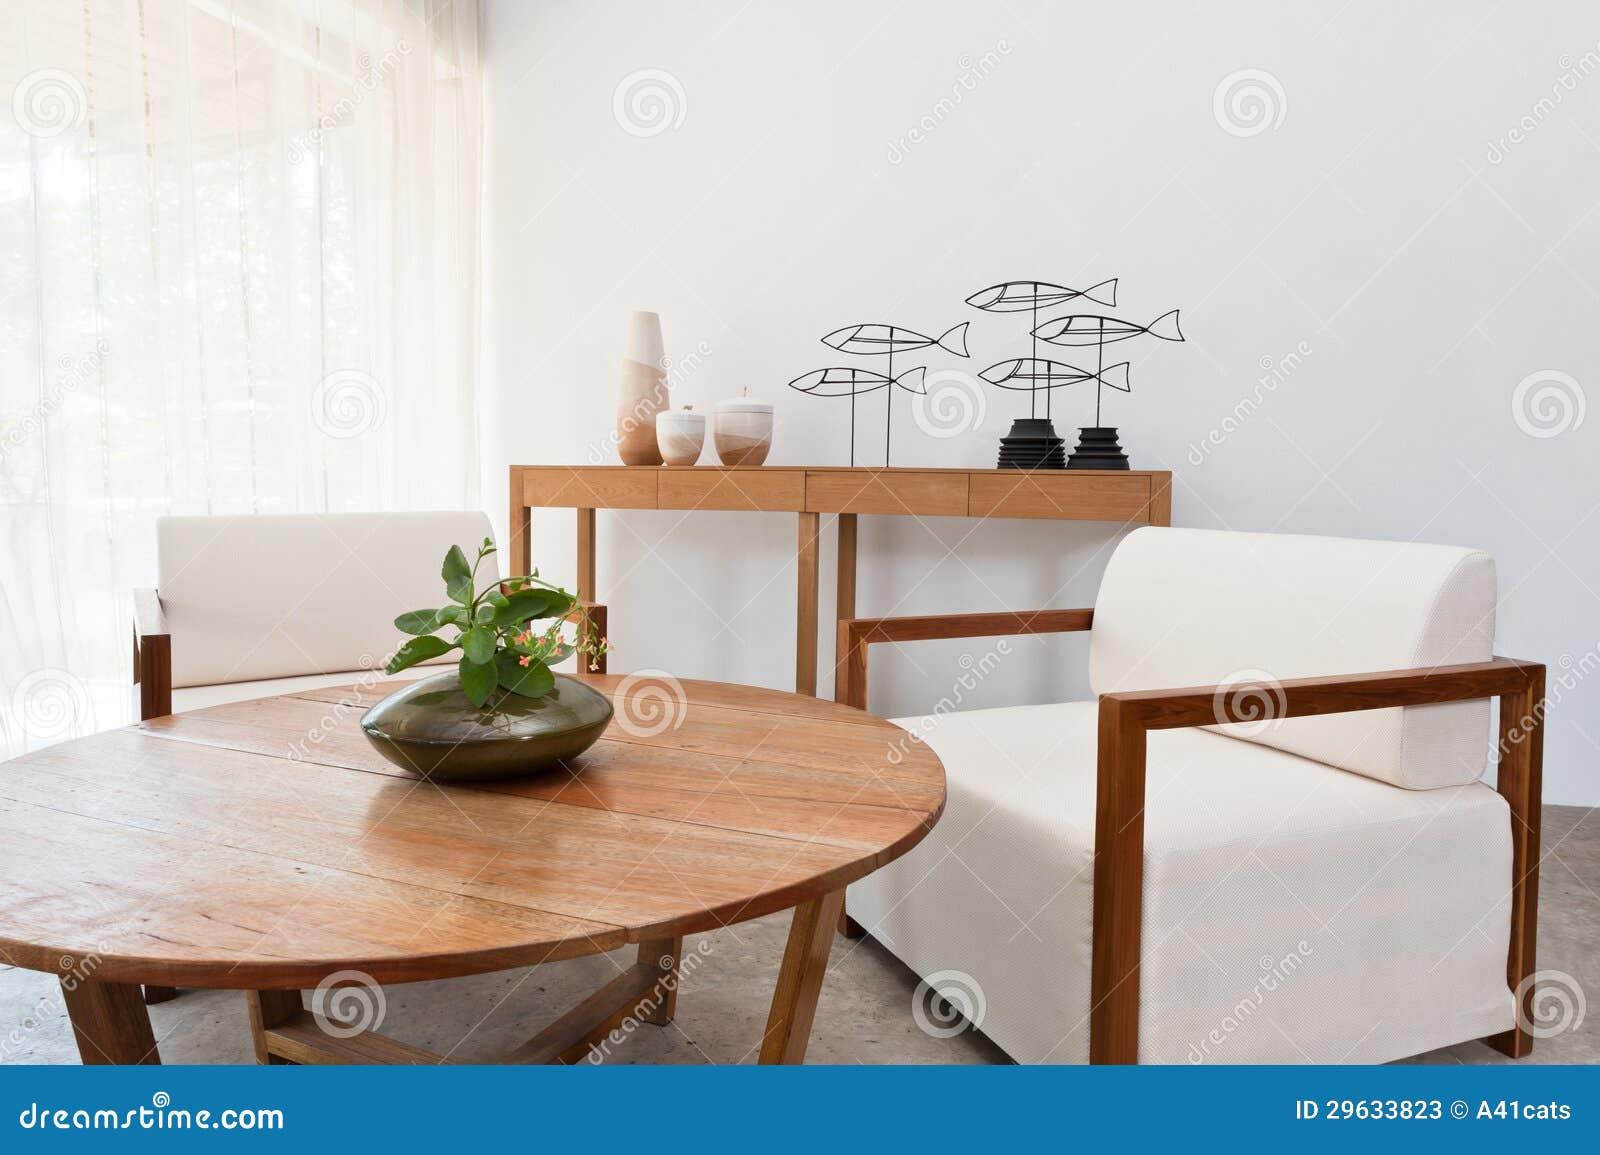 Wohnzimmerz: Wohnzimmer Weiße Möbel With Vitrine Gomera Links ...